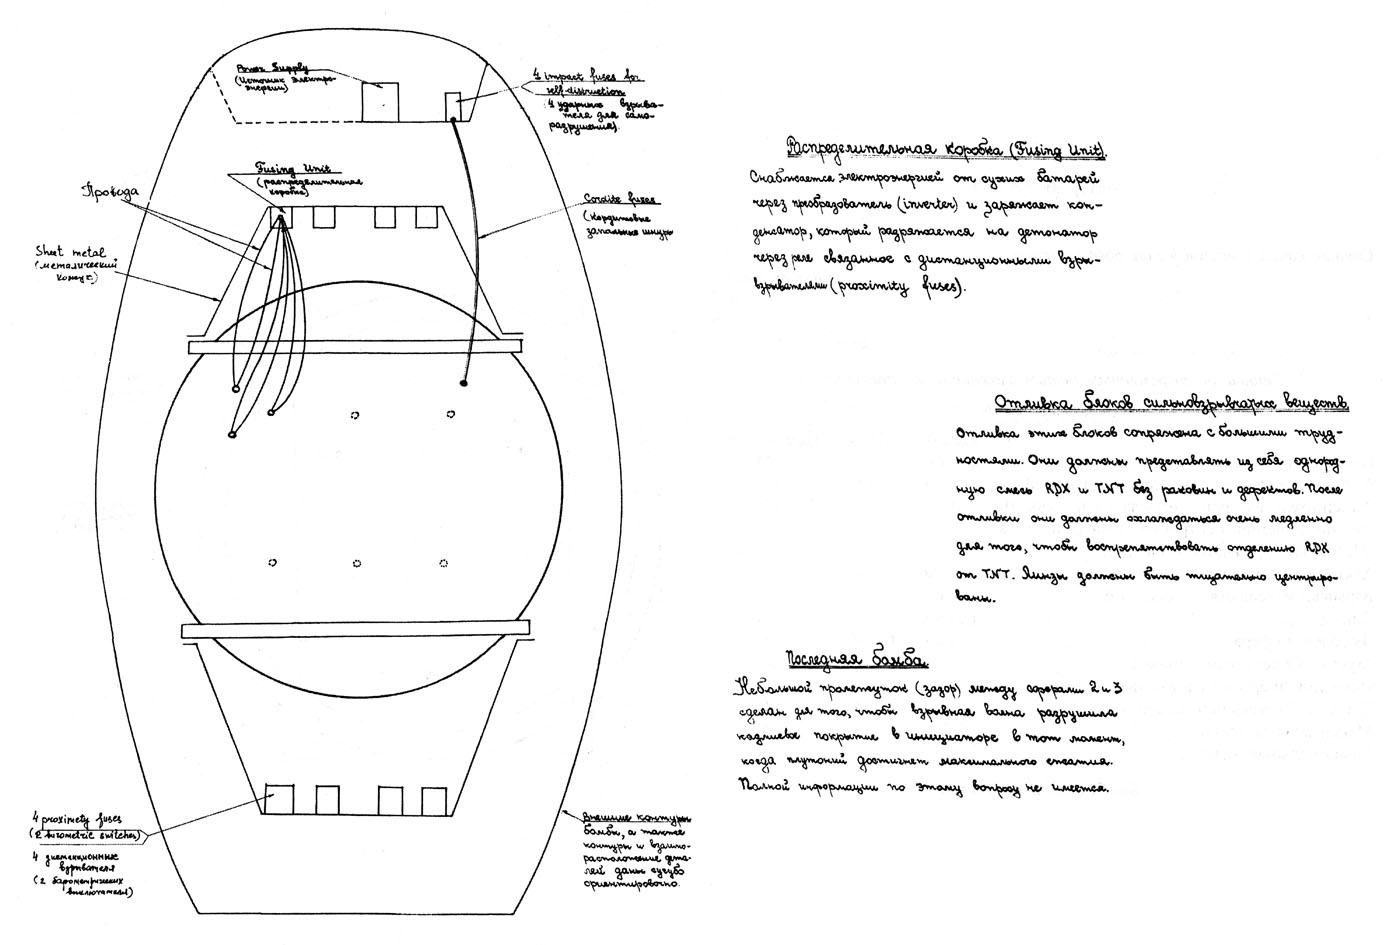 Um diagrama de uma bomba de implosão de um arquivo russo desclassificado sugere ligações entre o conhecimento X-5 de Seborer e os roubos atômicos de Moscou. Em resumo, mostra dois fios do circuito de disparo que correm para cada um dos detonadores da bomba.